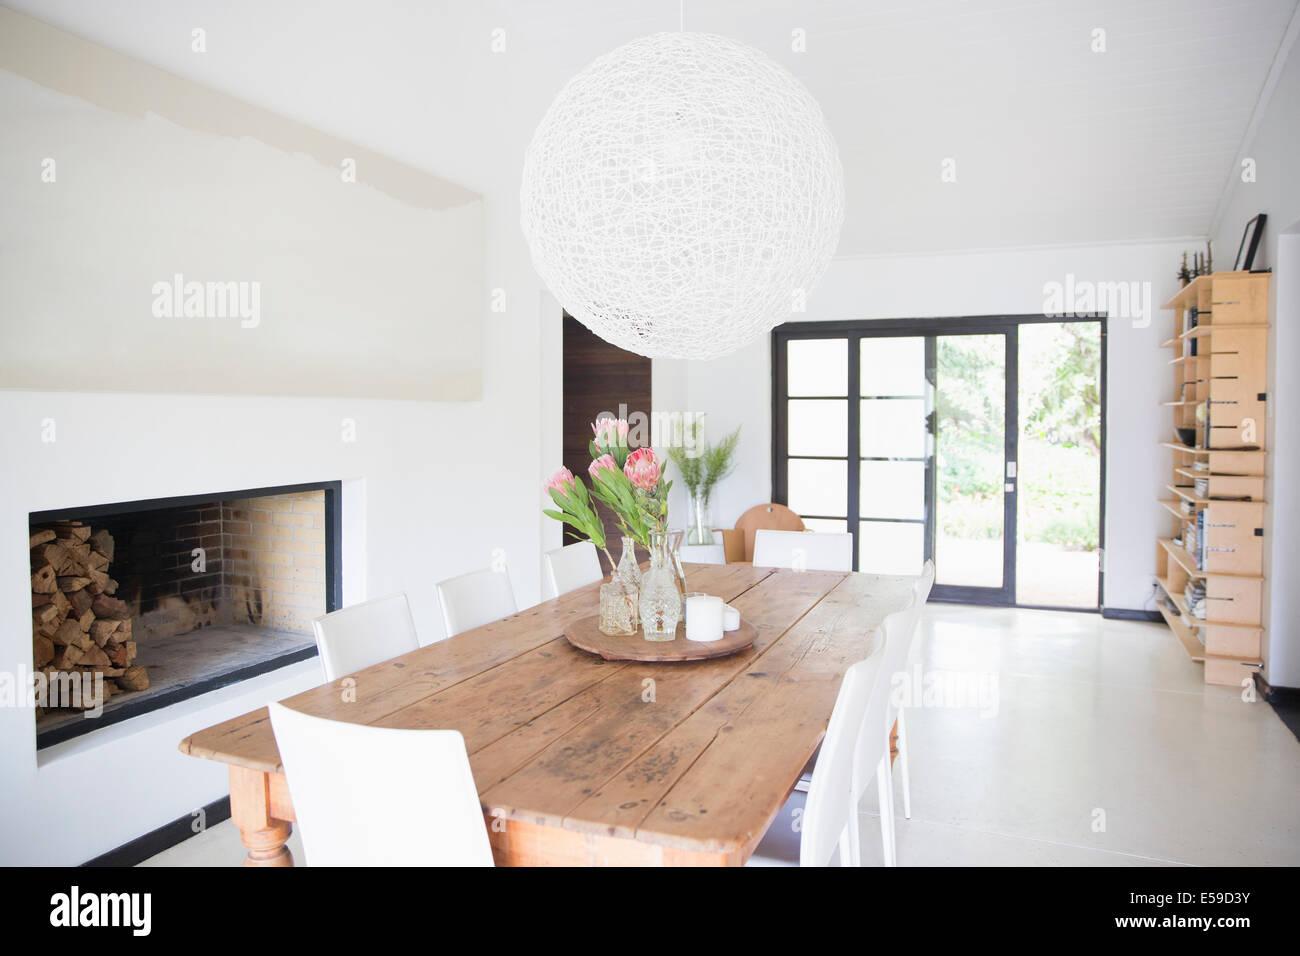 Mesa de comedor y apliques en un moderno comedor Imagen De Stock